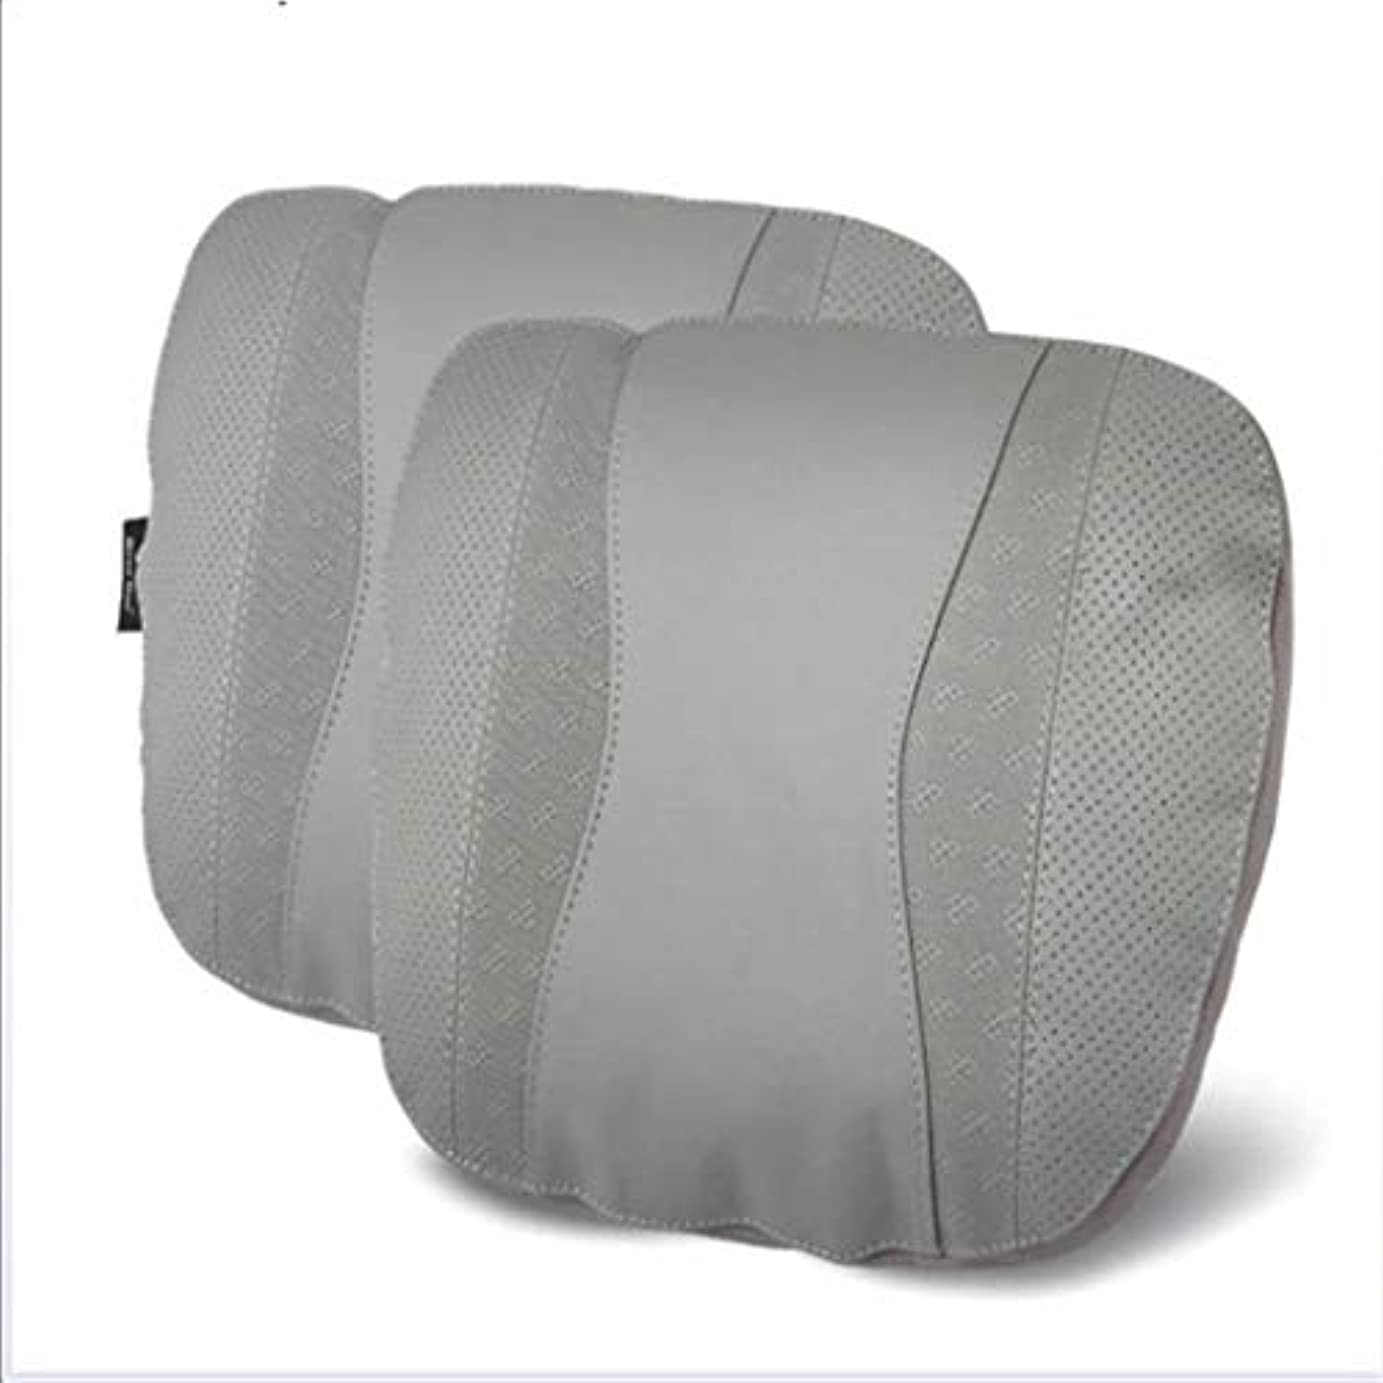 名前を作るポルトガル語リンケージネックピロー、カーシートネックピロー、トラベルピローネックパッド、カーネックピローサポートピローとして使用、航空機のネックピロー、首の疲れを和らげる (Color : Gray)